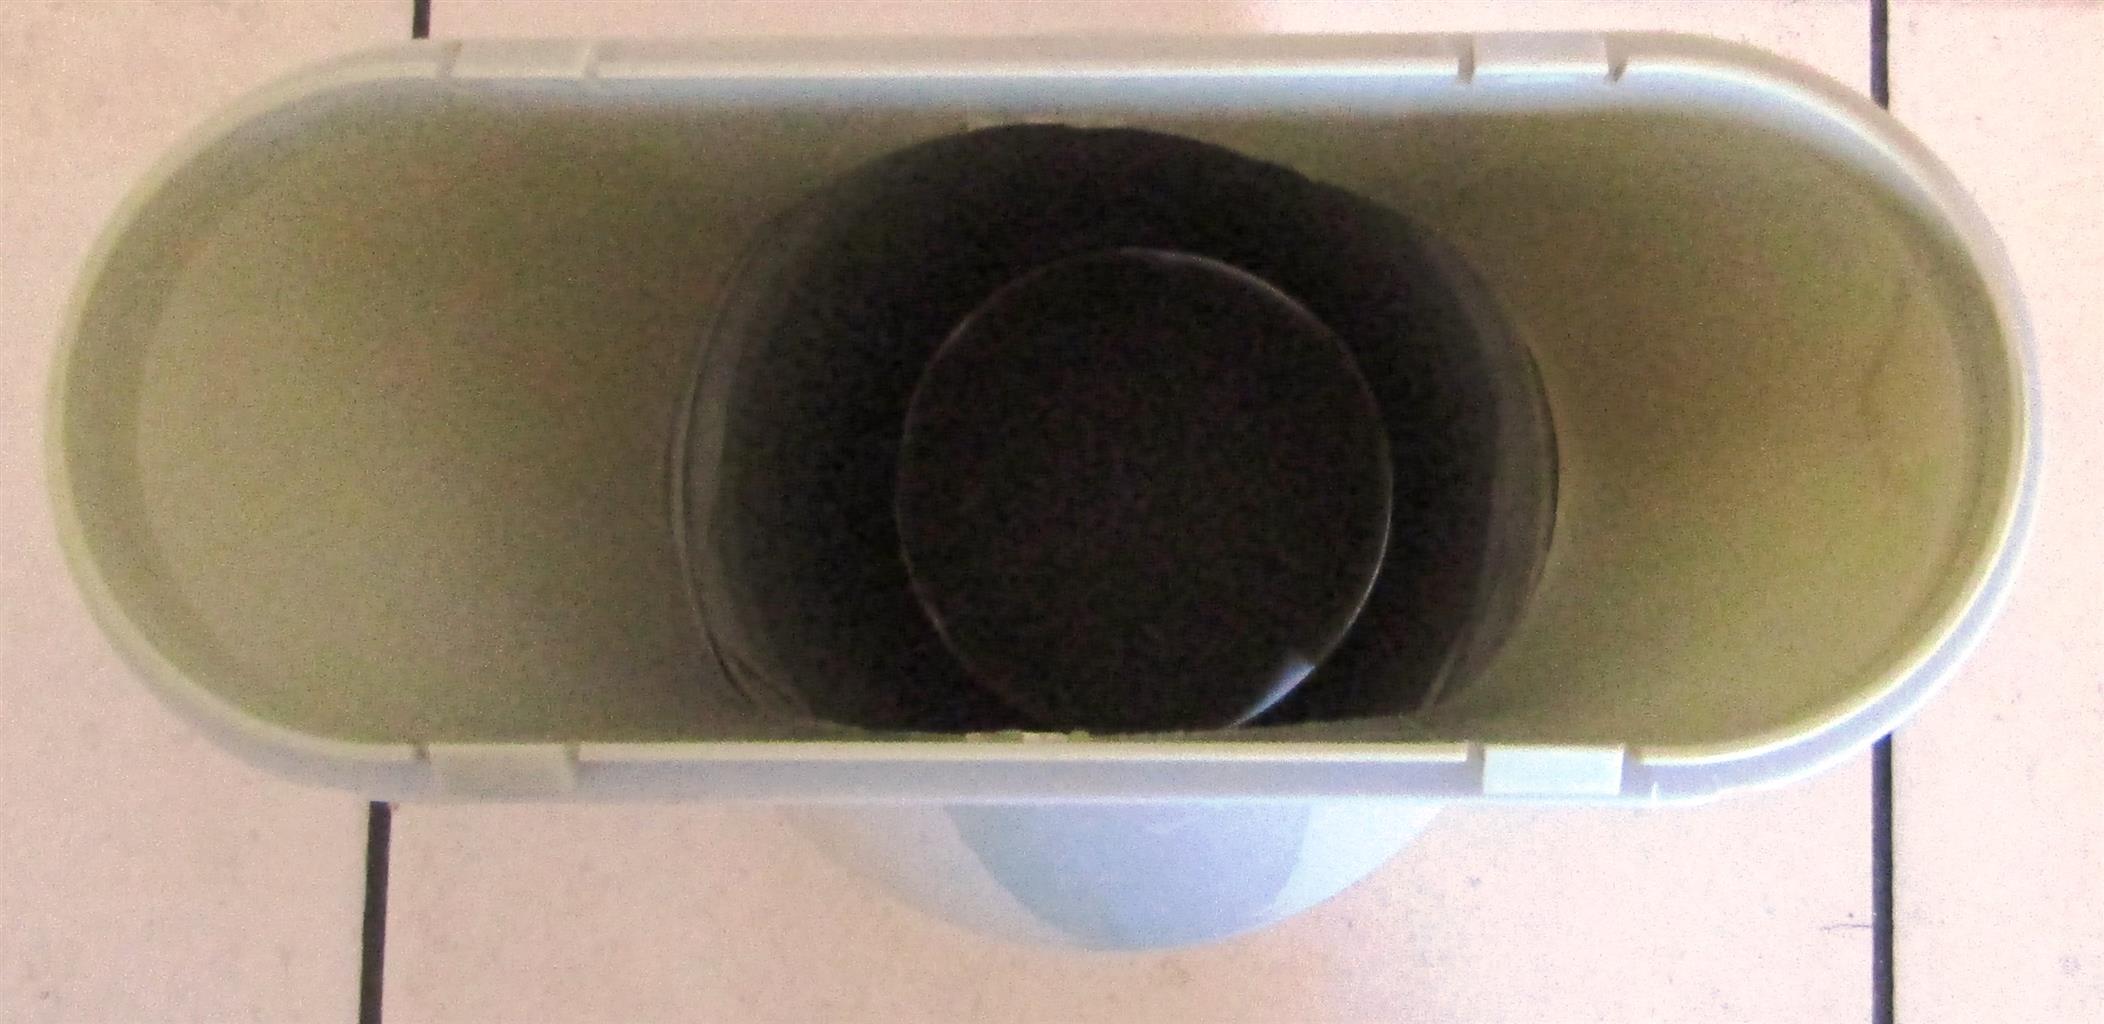 DEFY ACP12H1 Portable Air Conditioner with Remote Control